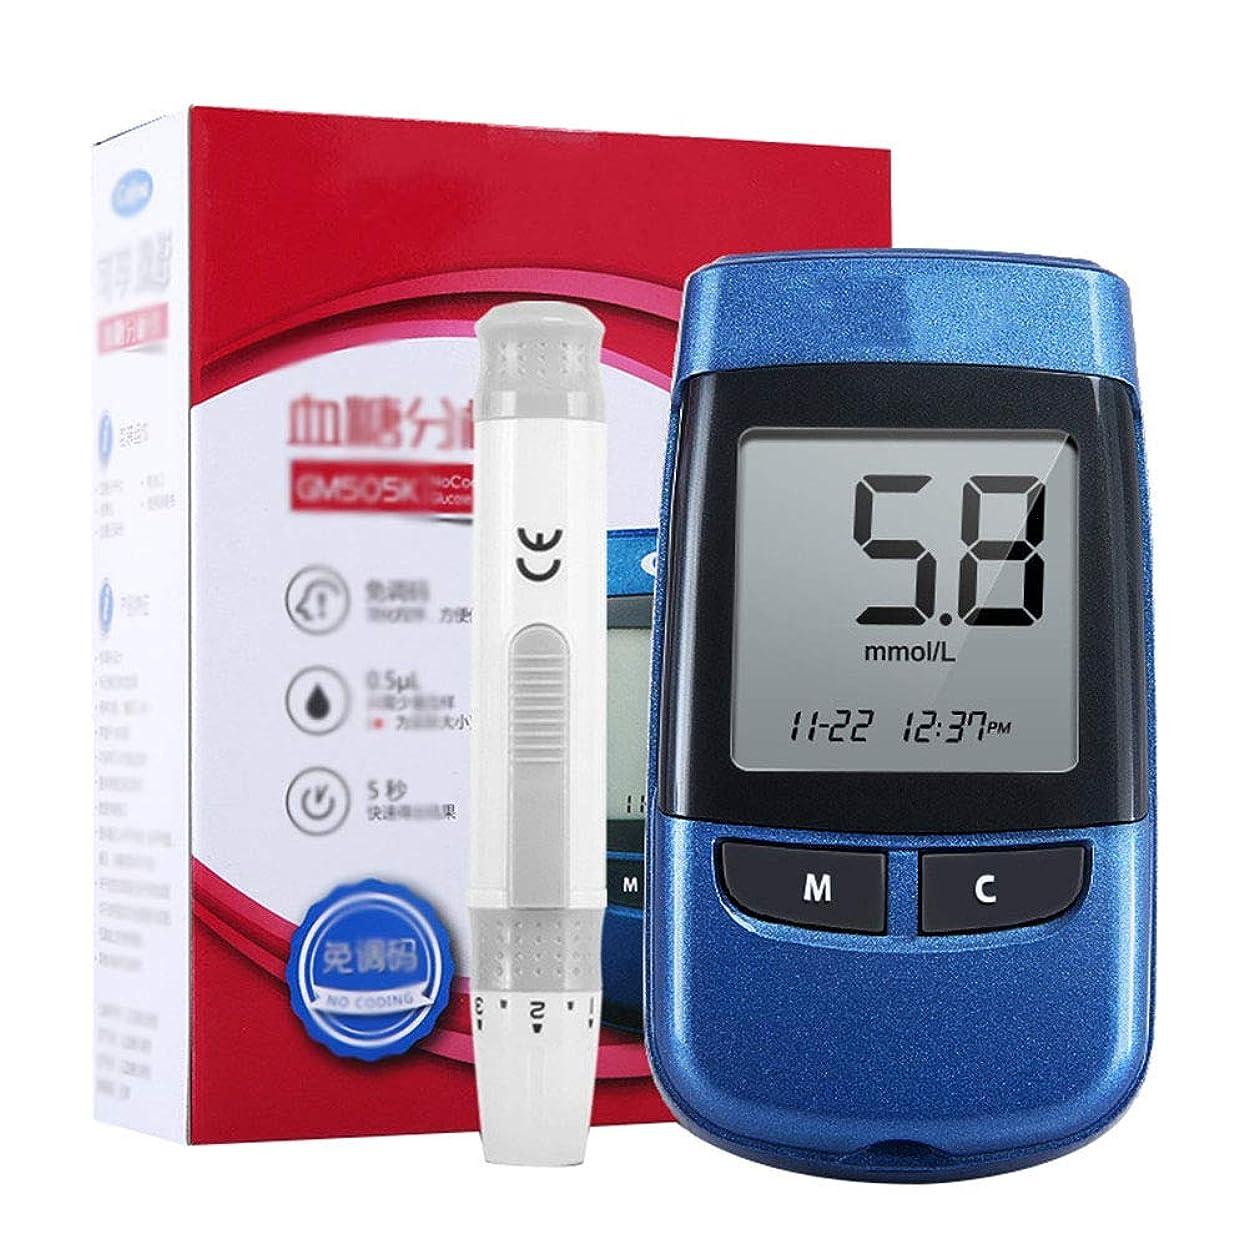 友情球状敬意を表する血糖テスト糖尿病テストキット50テストペーパー50採血針50アルコール綿ベルトキャリングバッグ長期有効期間